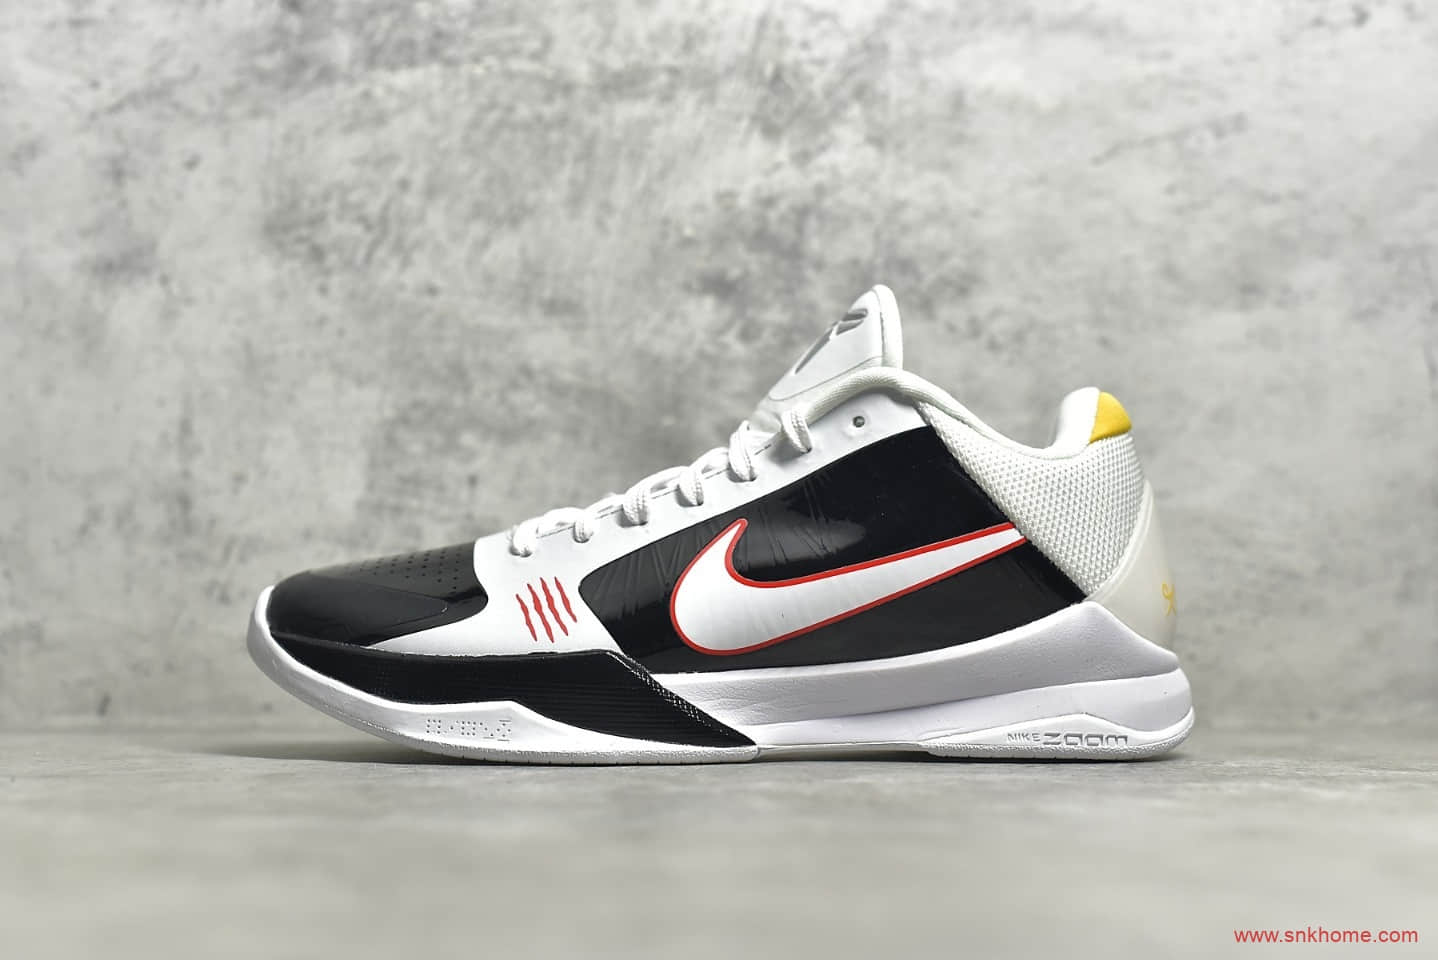 耐克科比ZK5科比五代黑白李小龙 NIKE ZK5 PROTRO 科比球鞋2020复刻版 货号:CD4991-101-潮流者之家